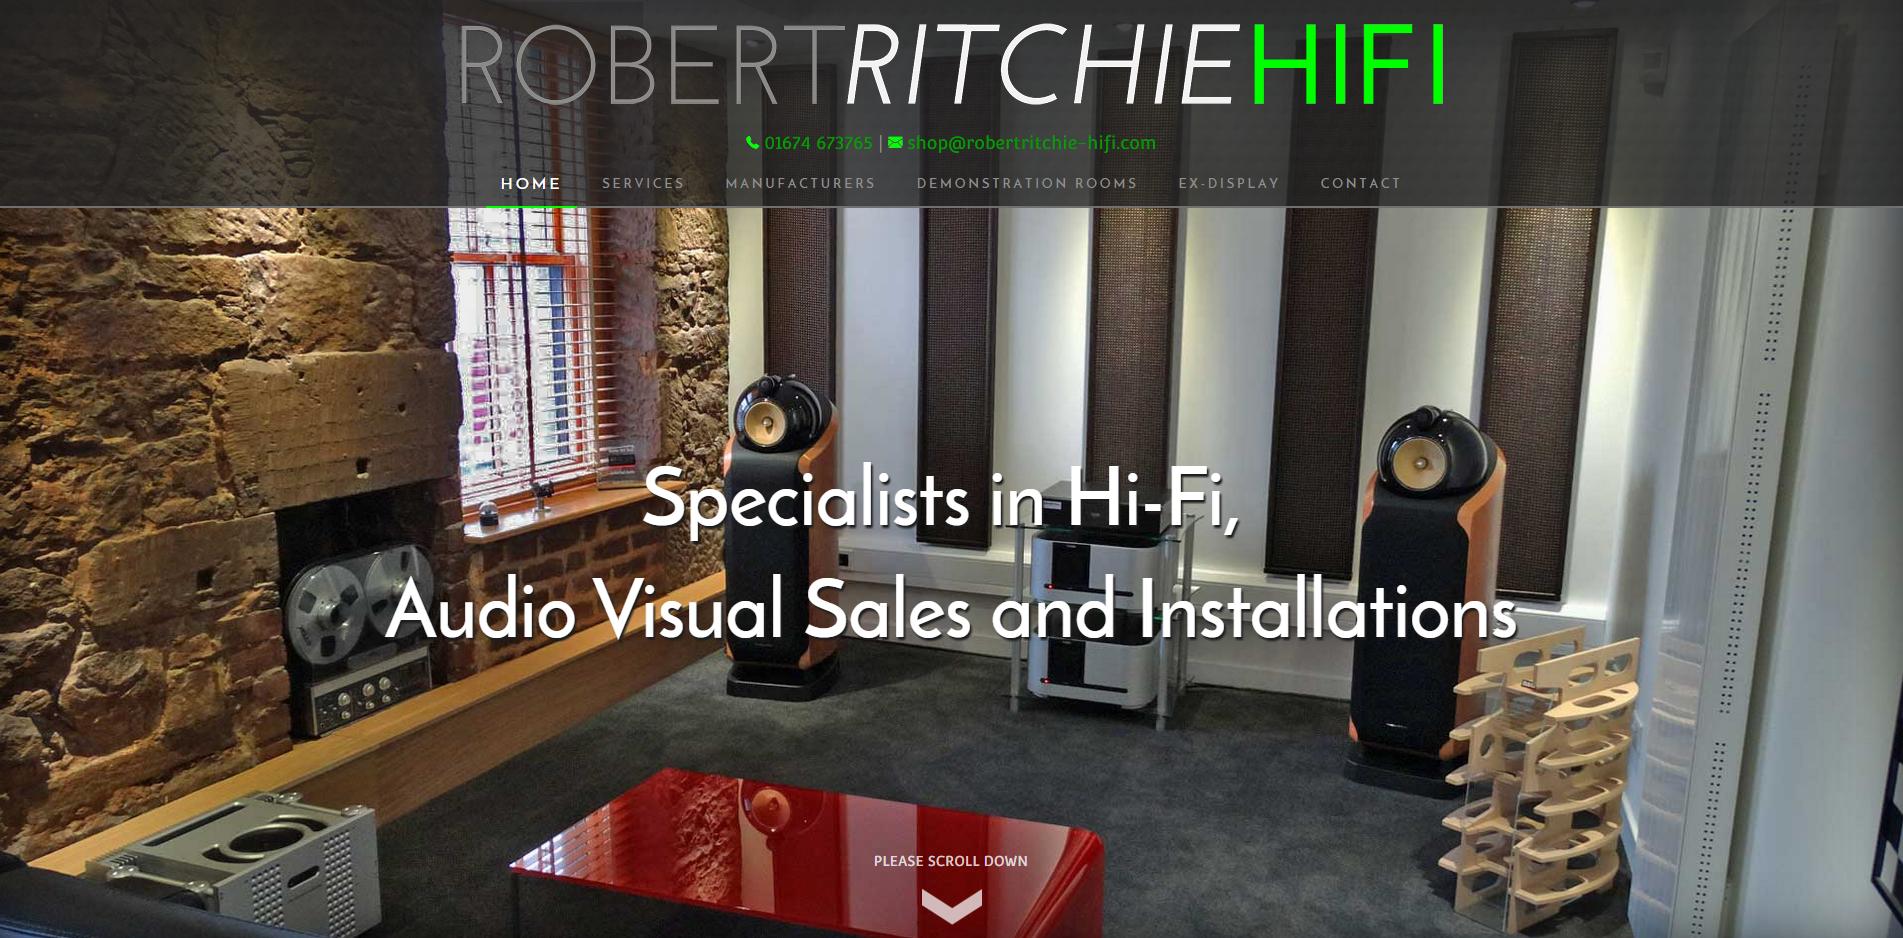 Robert Ritchie HIFI